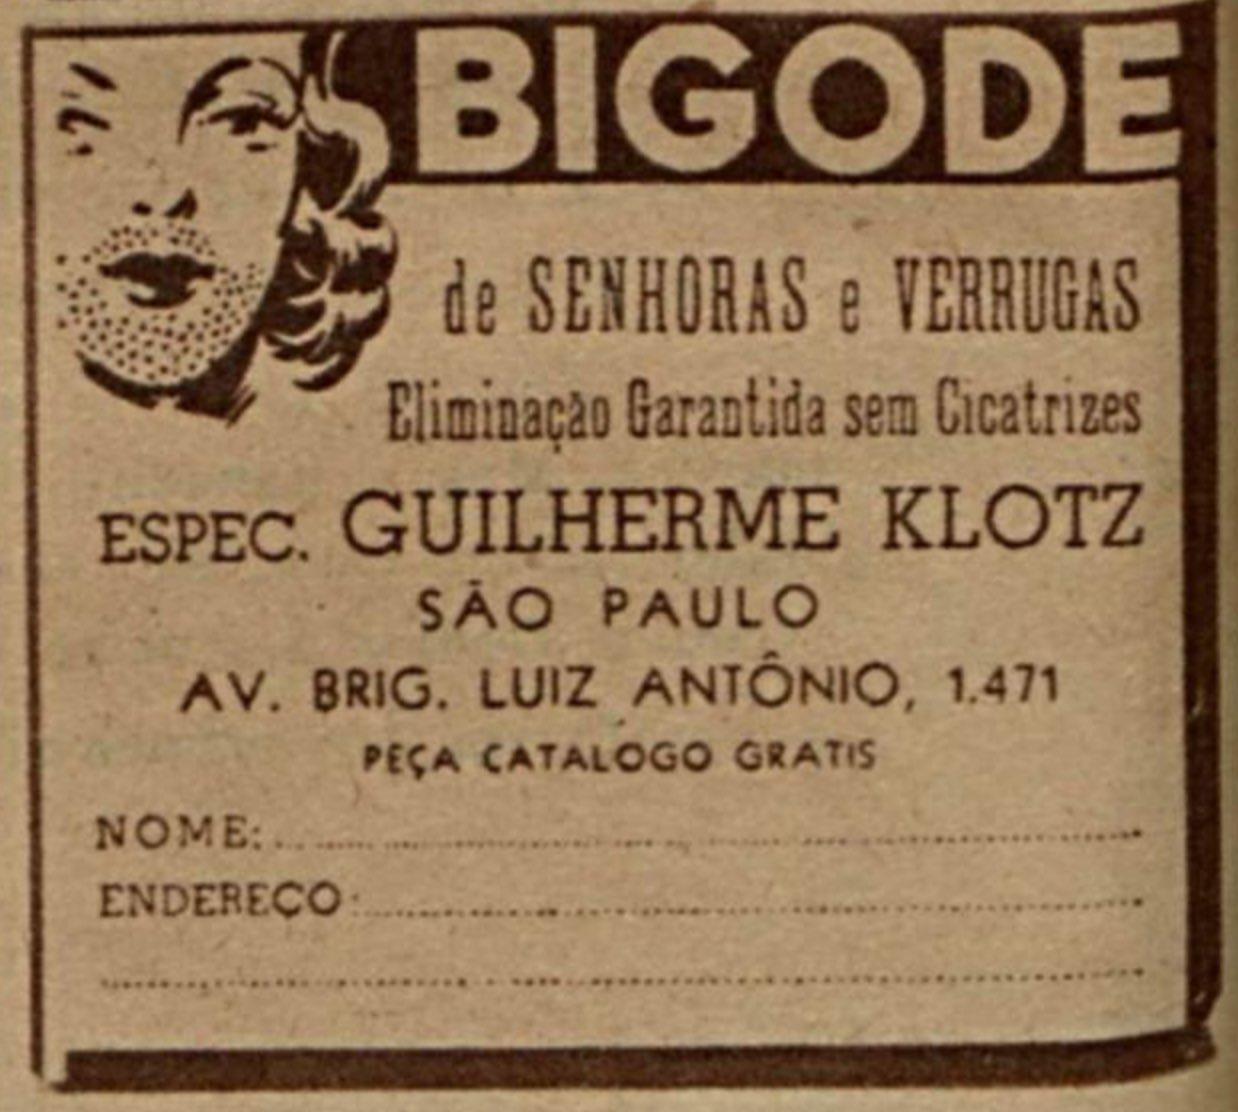 Anúncio veiculado em 1947 que prometia o fim de bigodes e verrugas em mulheres